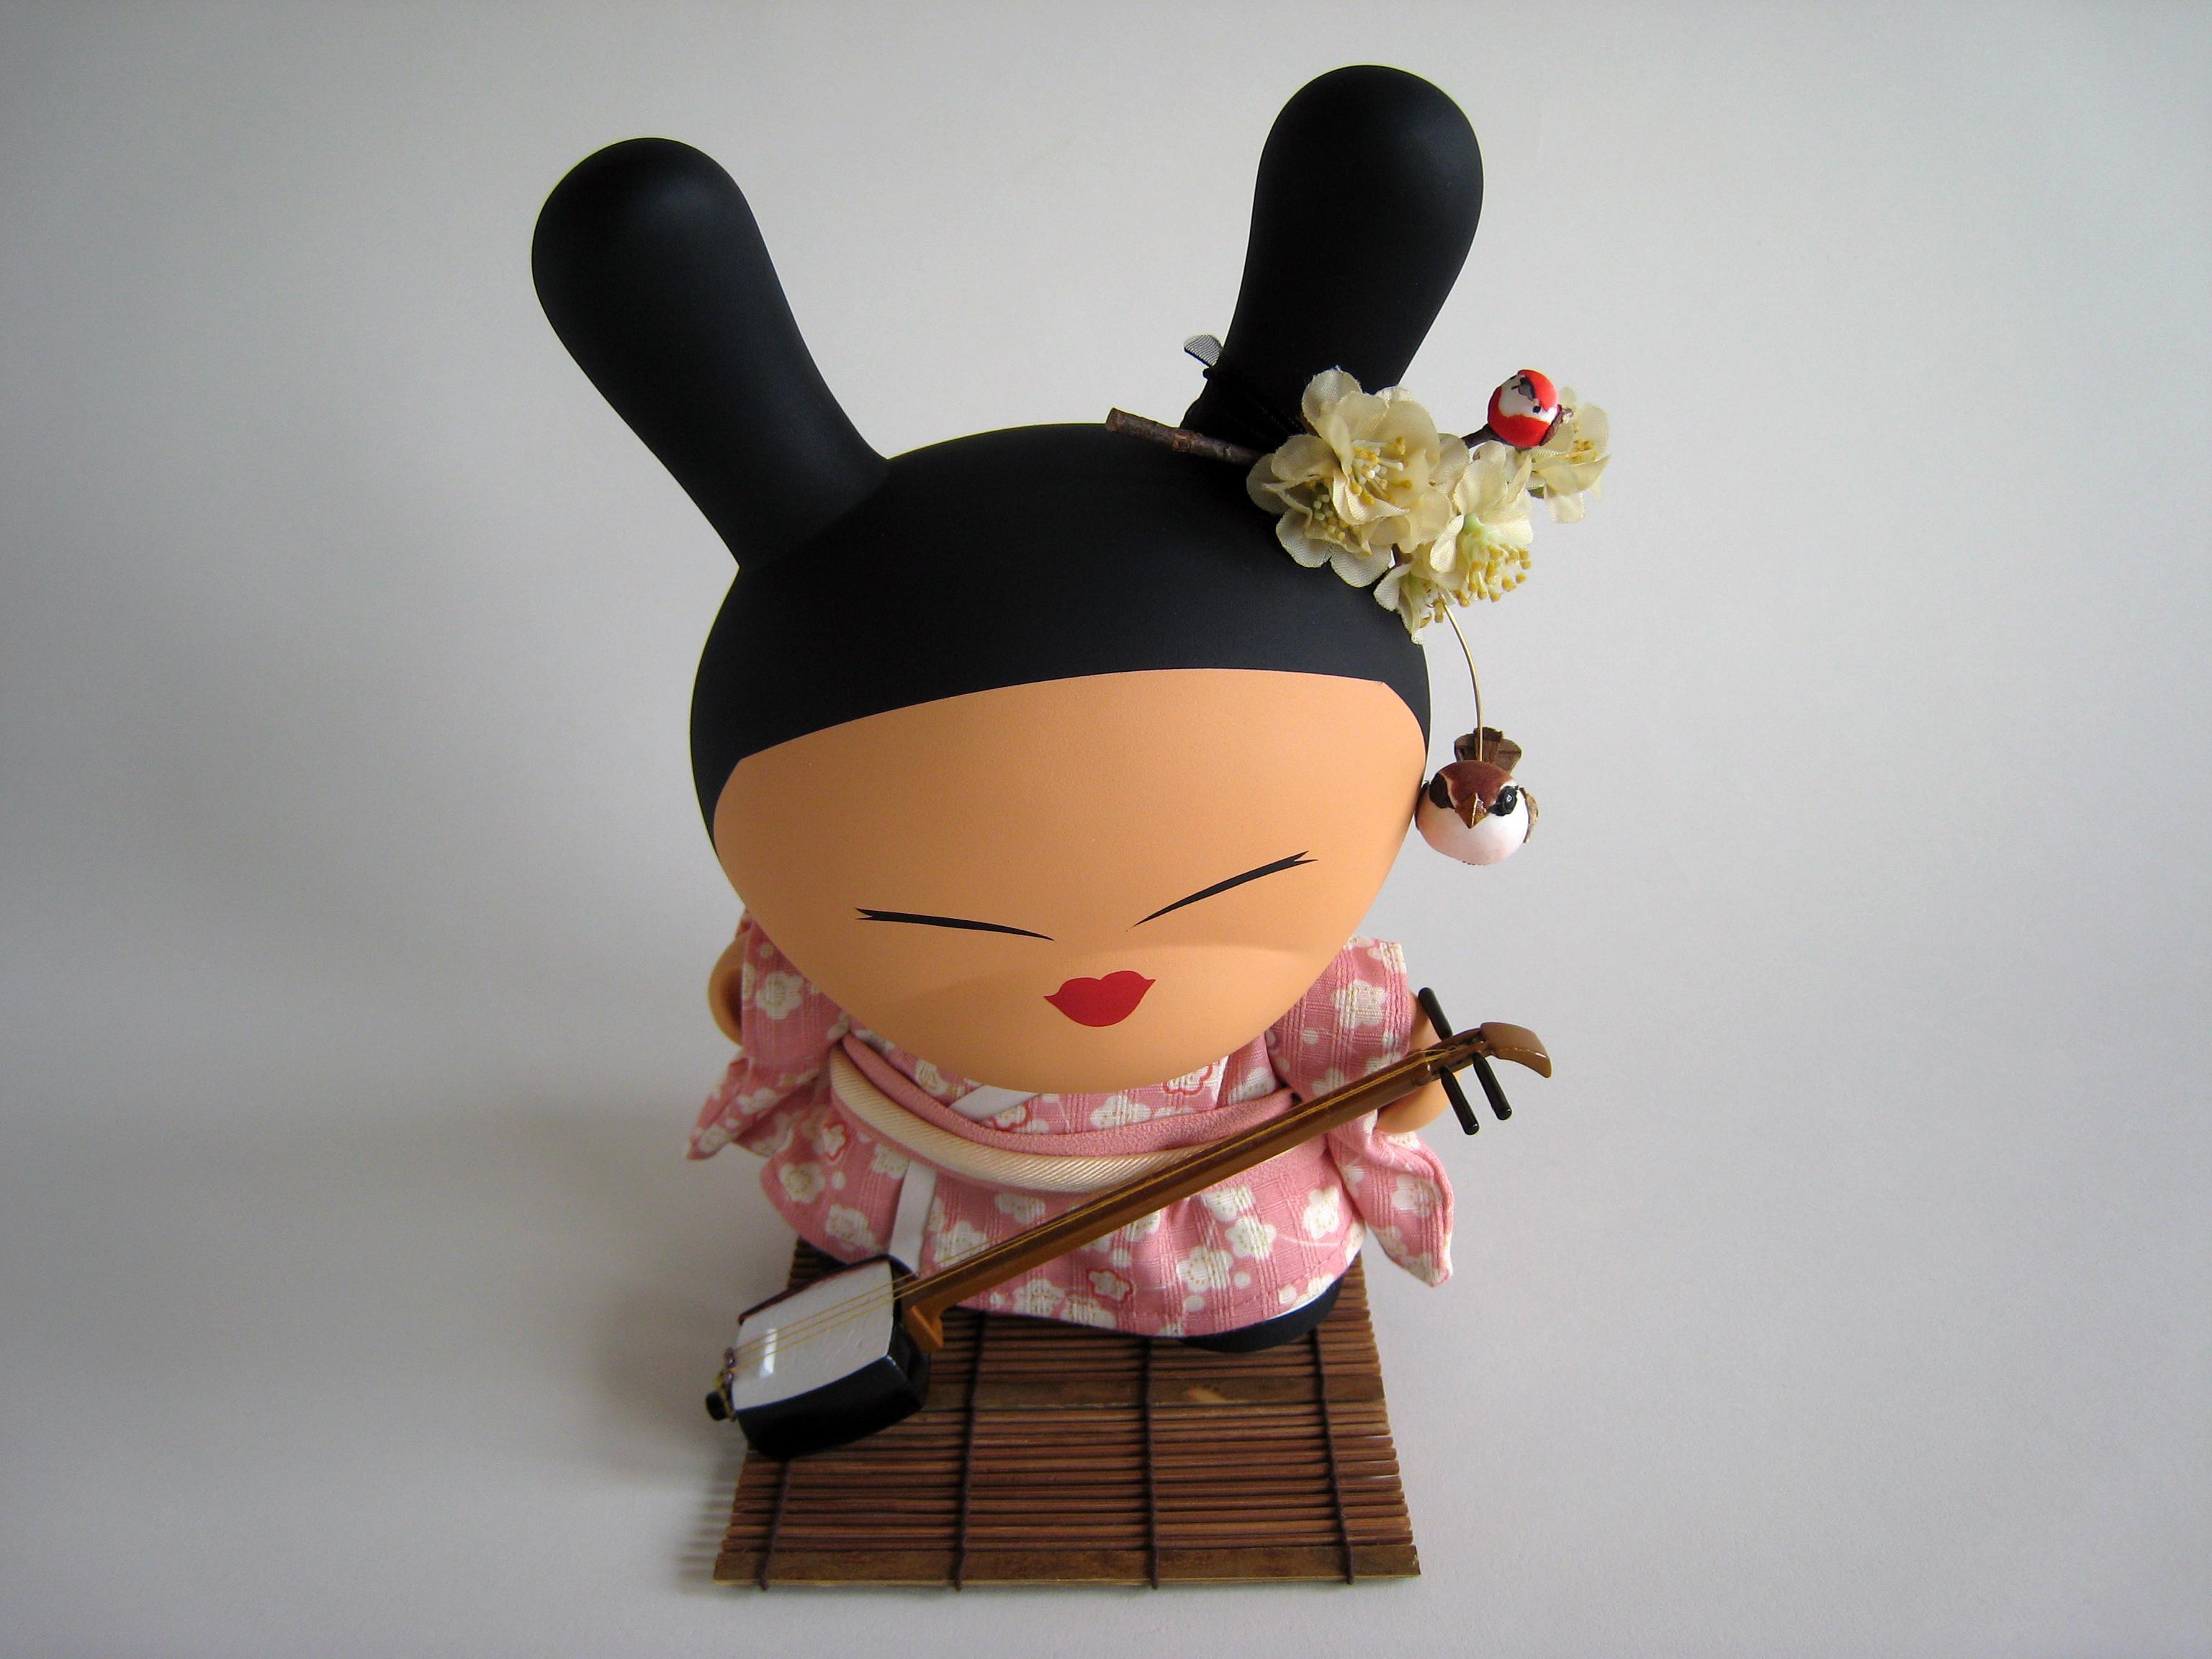 shamisengeisha.jpg (3072×2304)